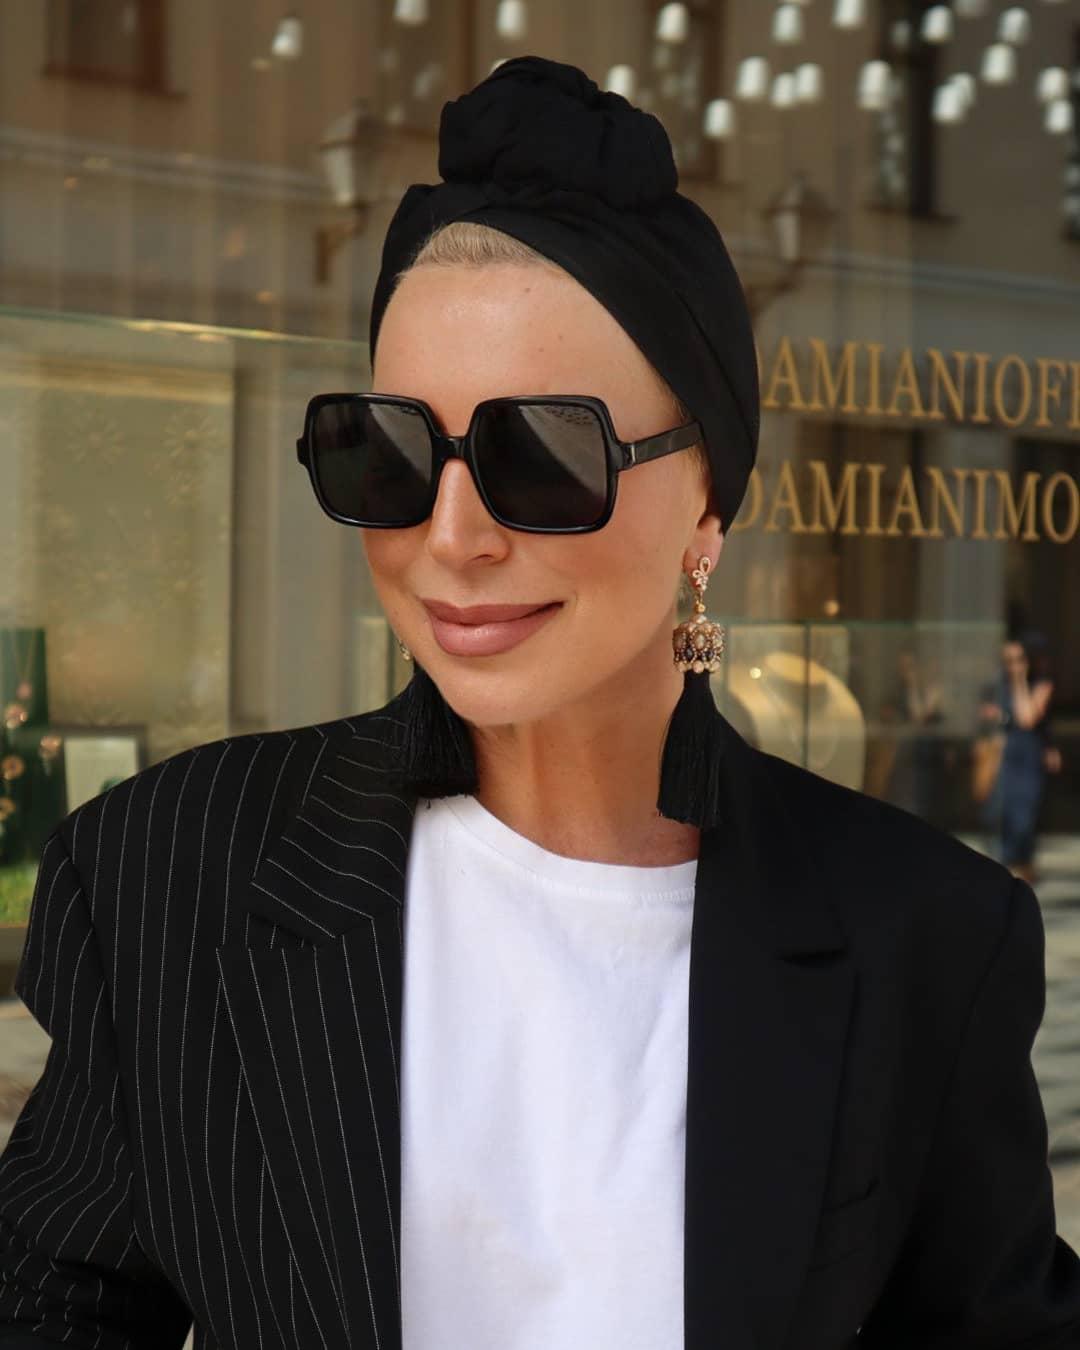 очки солнцезащитные мода 2022